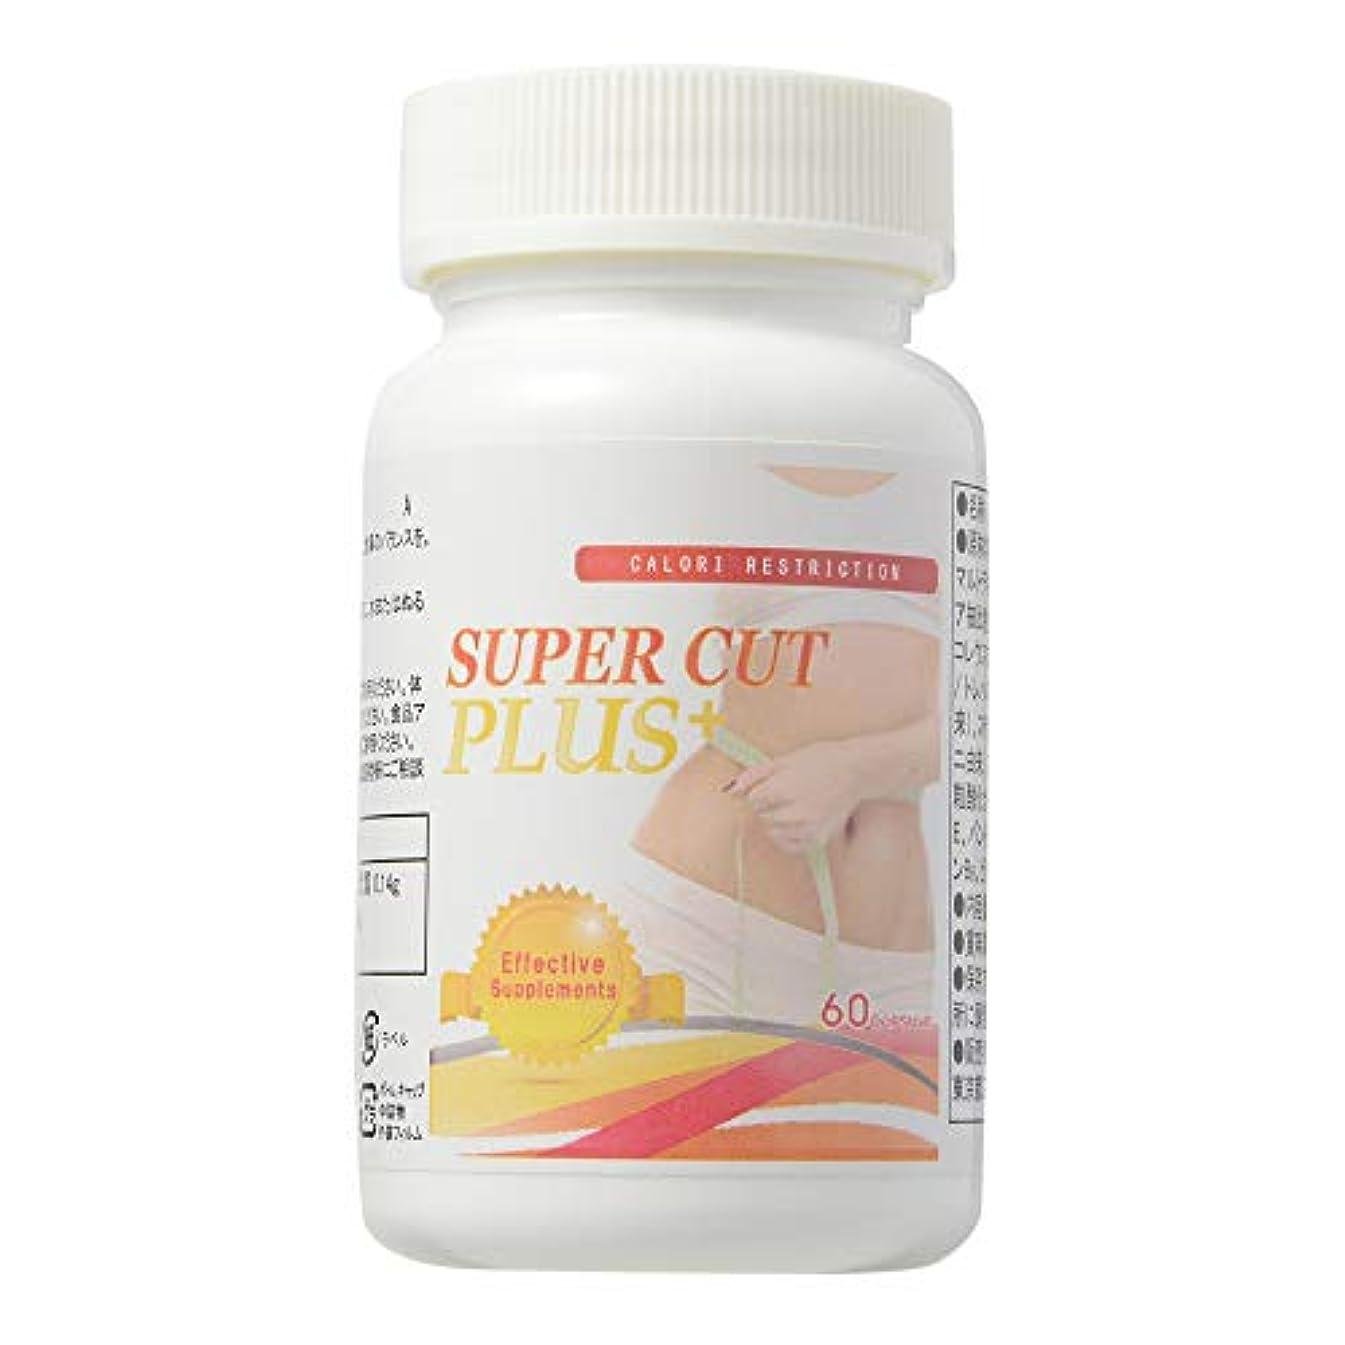 パークパートナーゴムSUPER CUT PLUS+ ダイエット (ダイエット サプリ) 栄養補助食品 スリム スキンケア 女性 美容 サプリメント [350mg×60粒/ 説明書付き]